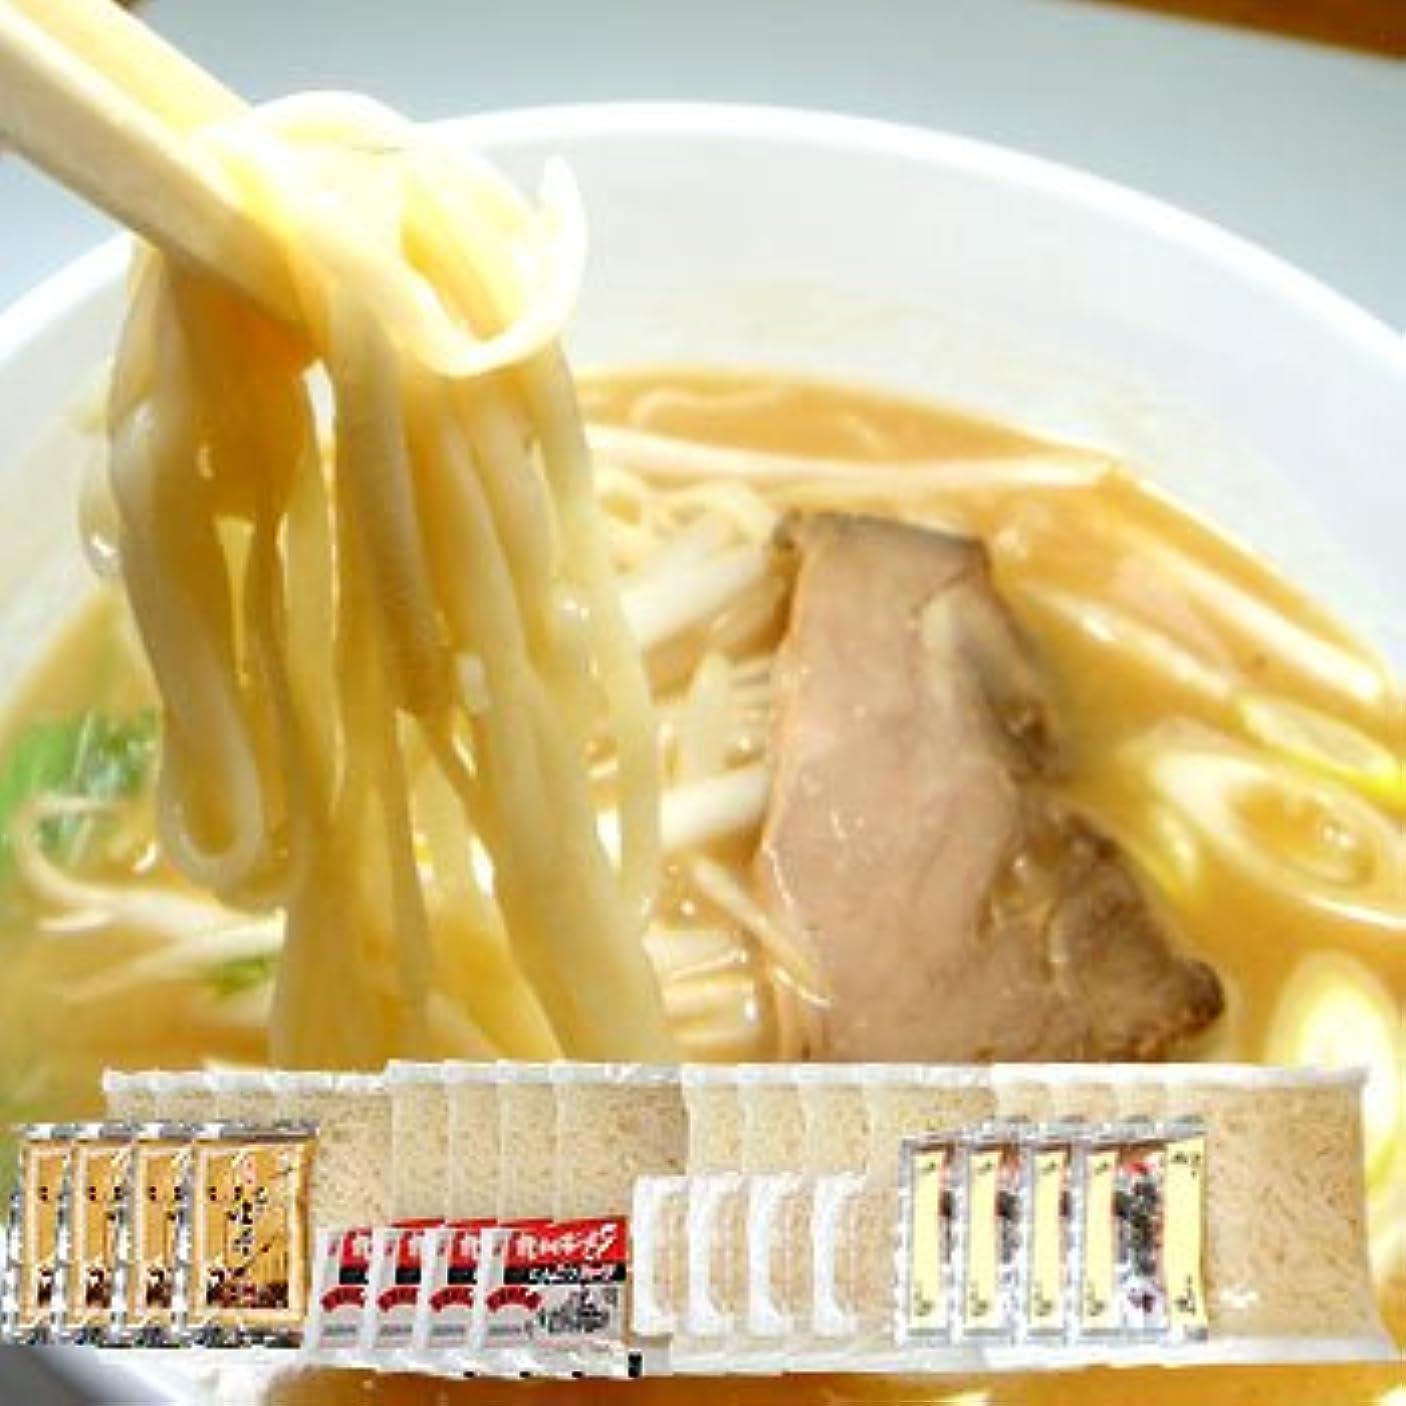 繁殖同行する舌こんにゃくラーメン4味16食 (味噌4、醤油4、塩4、豚骨4)【ダイエット】【ヌードル】【麺】【コラーゲン配合選べるセット】